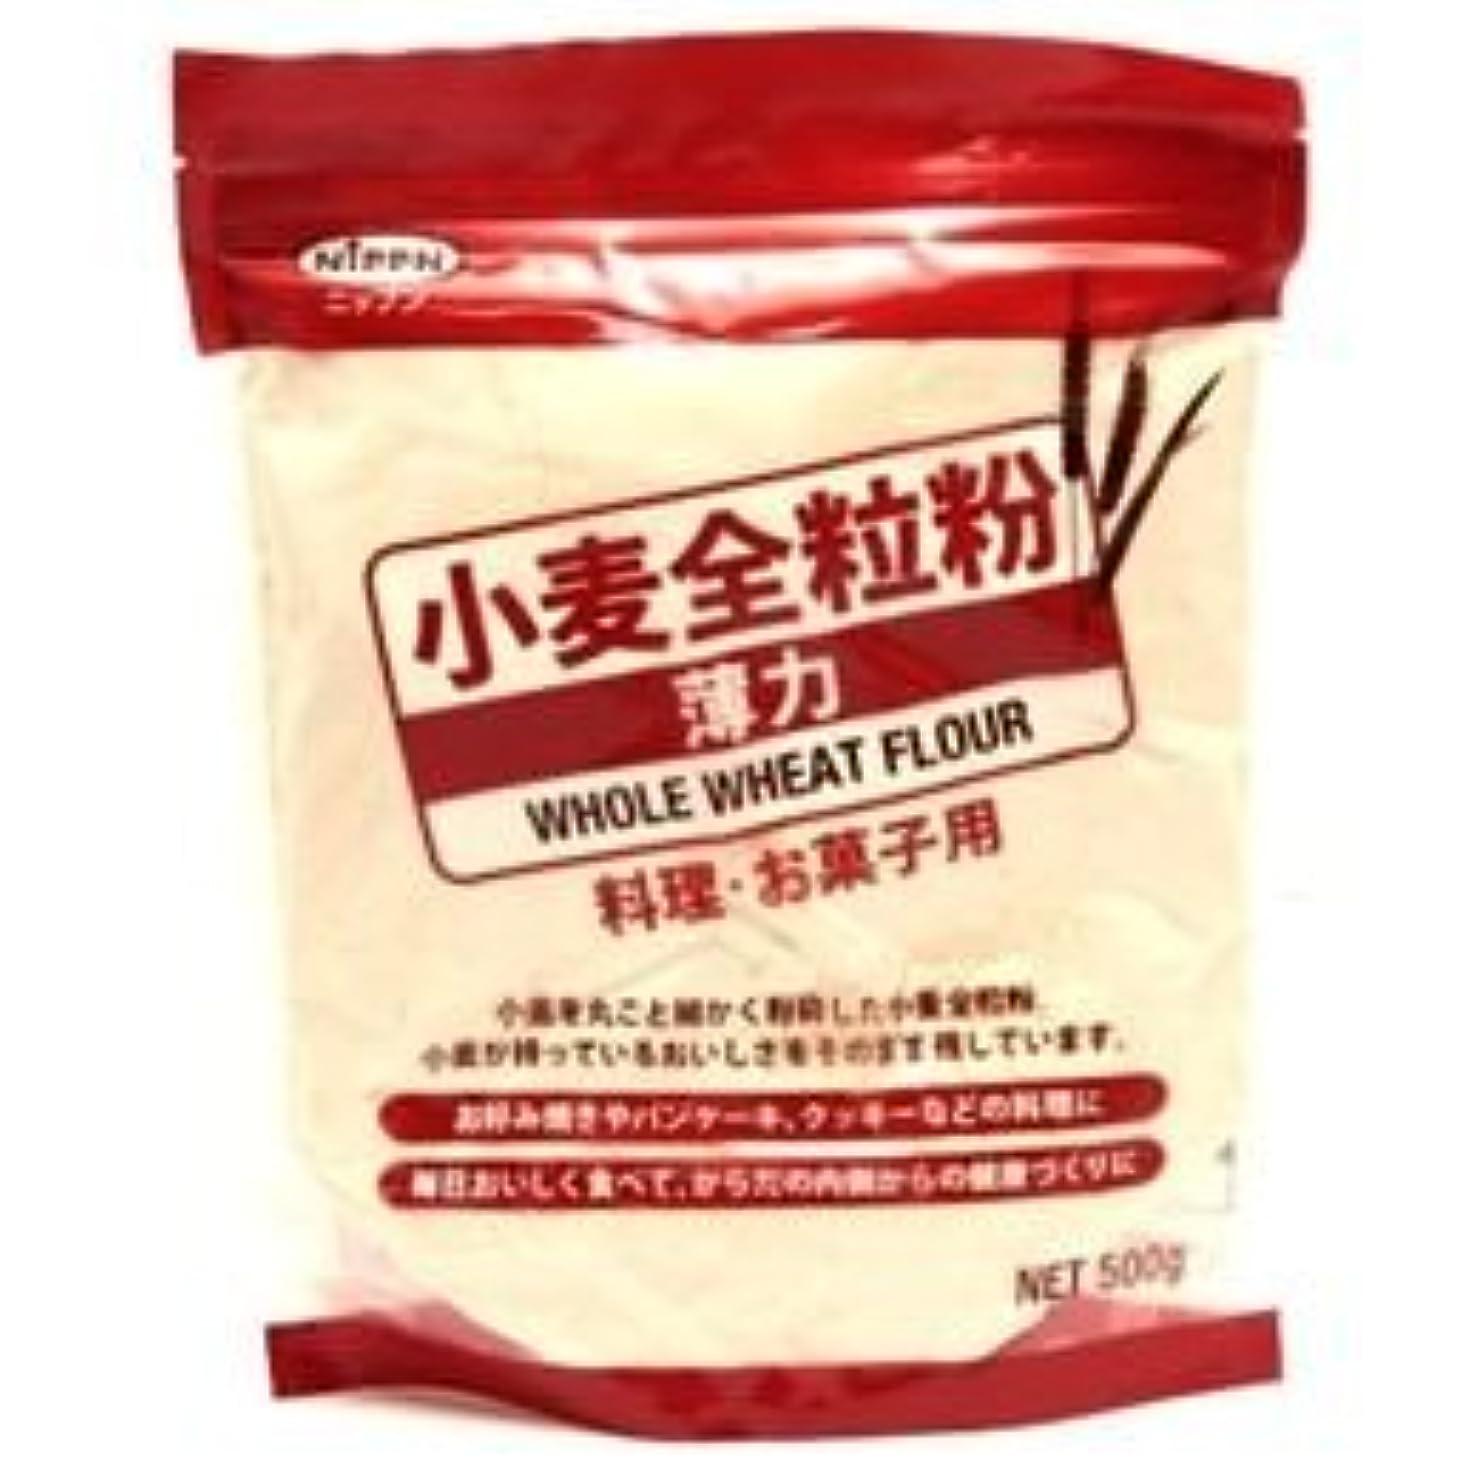 予想する夕方誇りに思う日本製粉 小麦全粒粉 500g